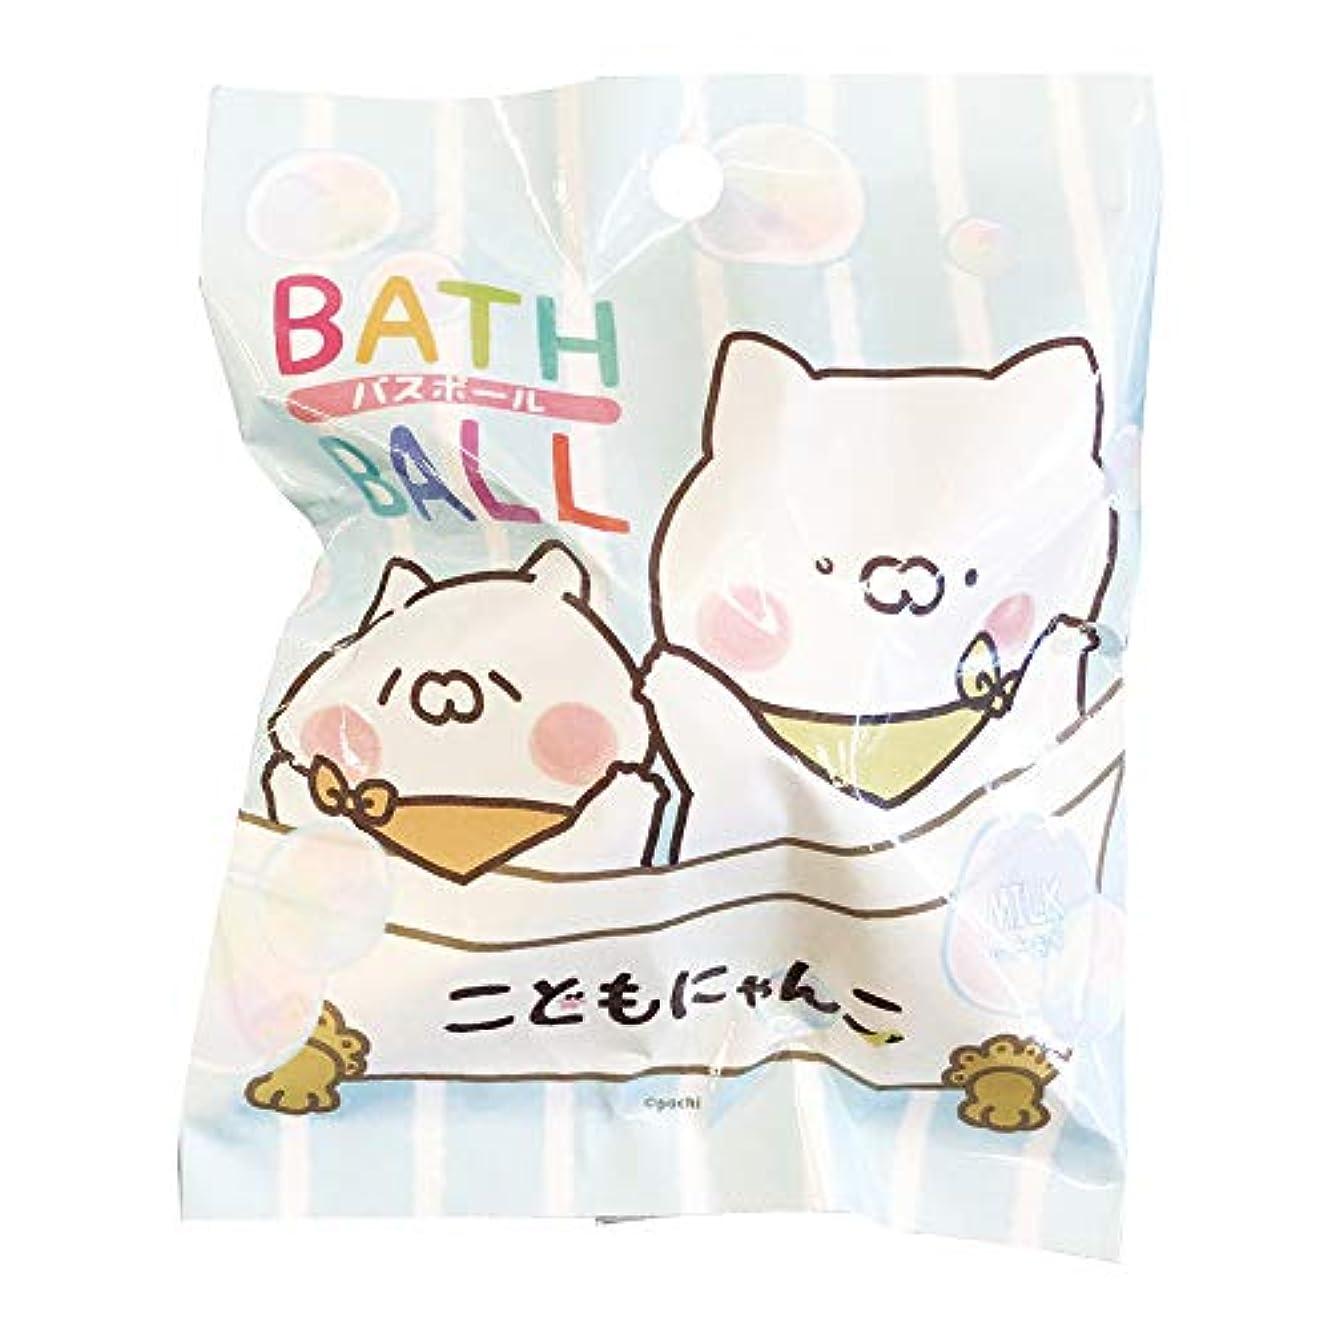 ダイアクリティカルモールス信号株式こどもにゃんこ 入浴剤 バスボール おまけ付き ミルクの香り 50g ABD-043-001